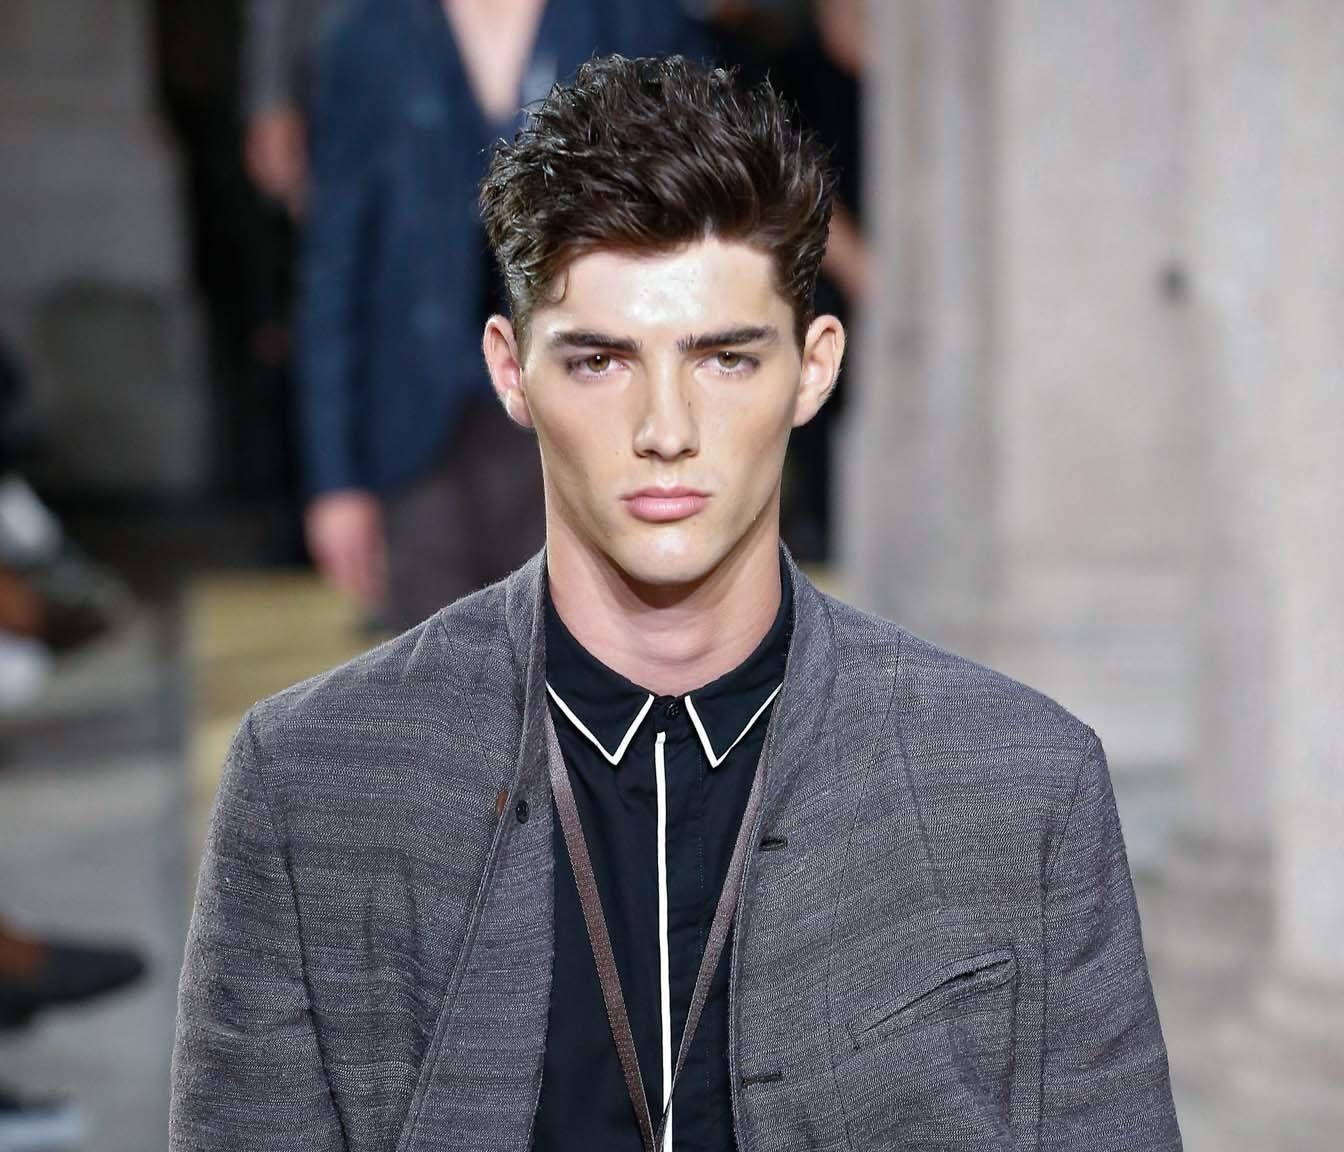 19 Gaya rambut ikal pria yang keren dan trendi - All ...